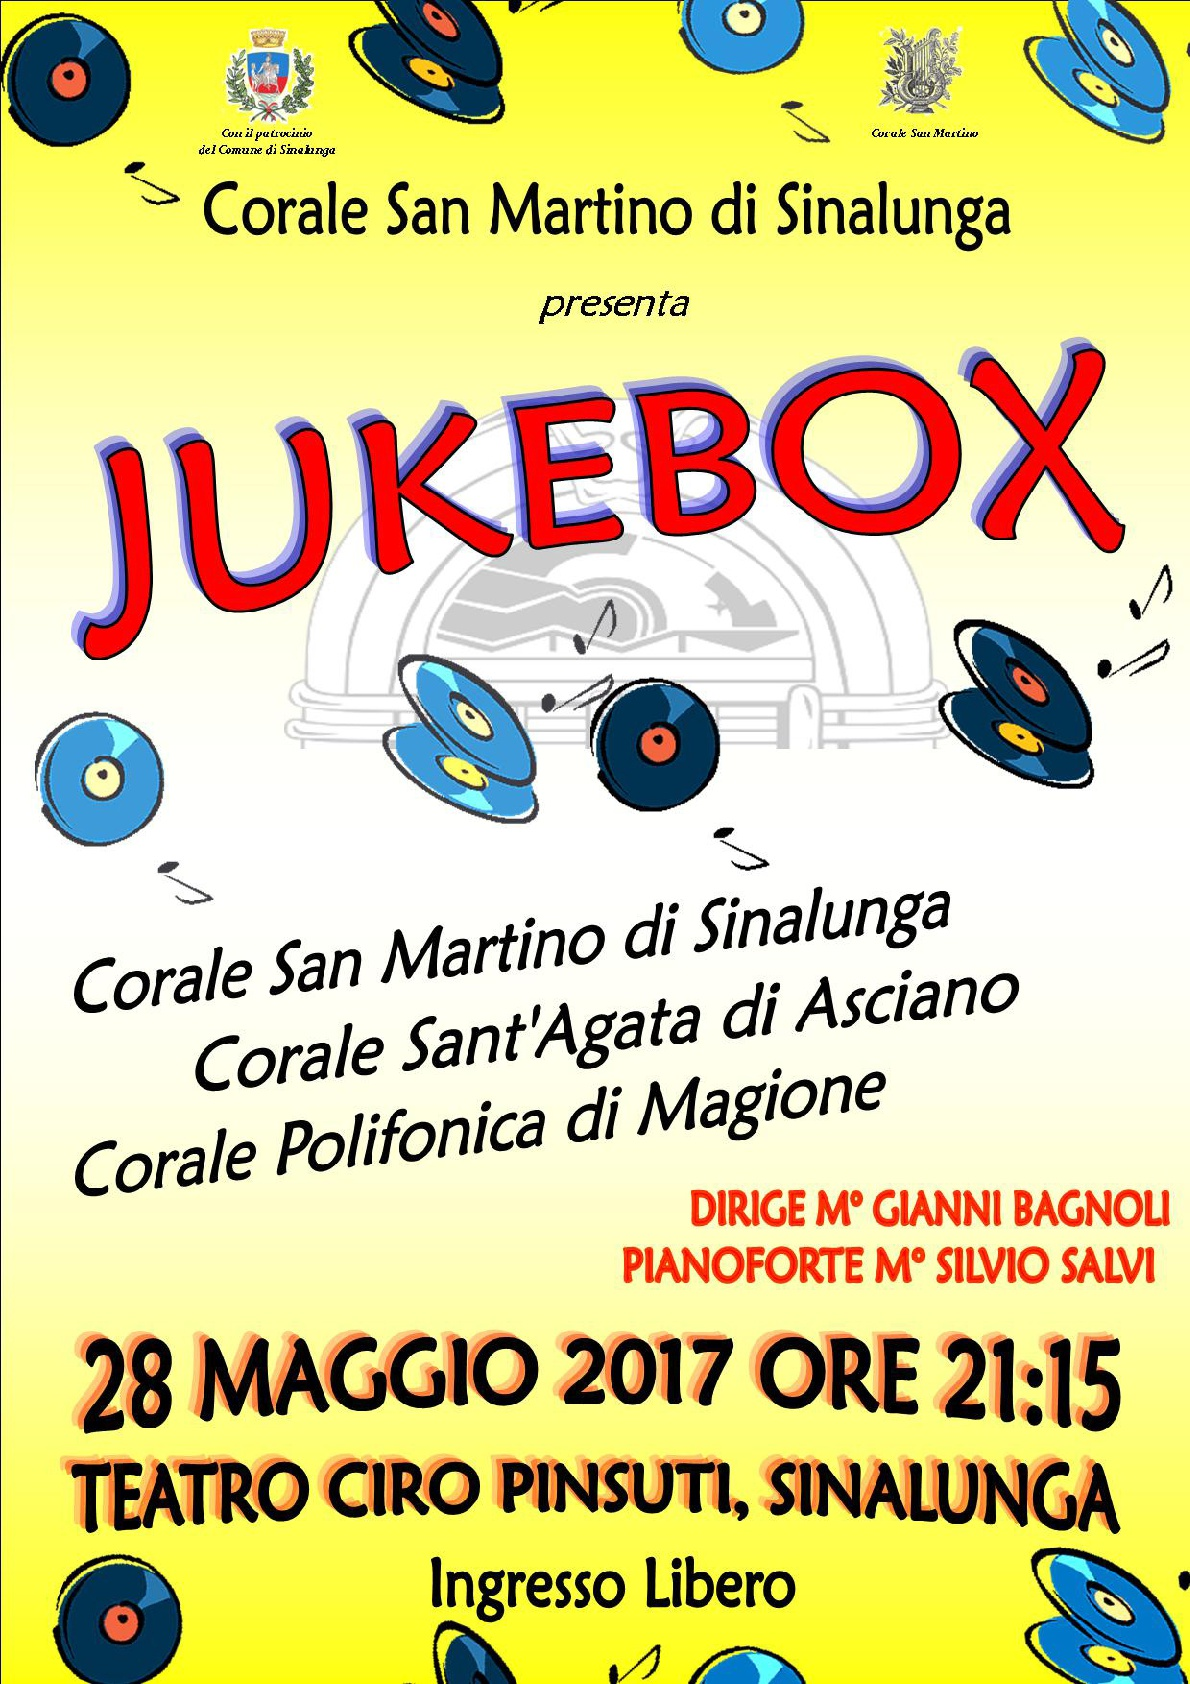 LOCANDINA jukebox sinalunga 28 maggio 2017.jpg-001